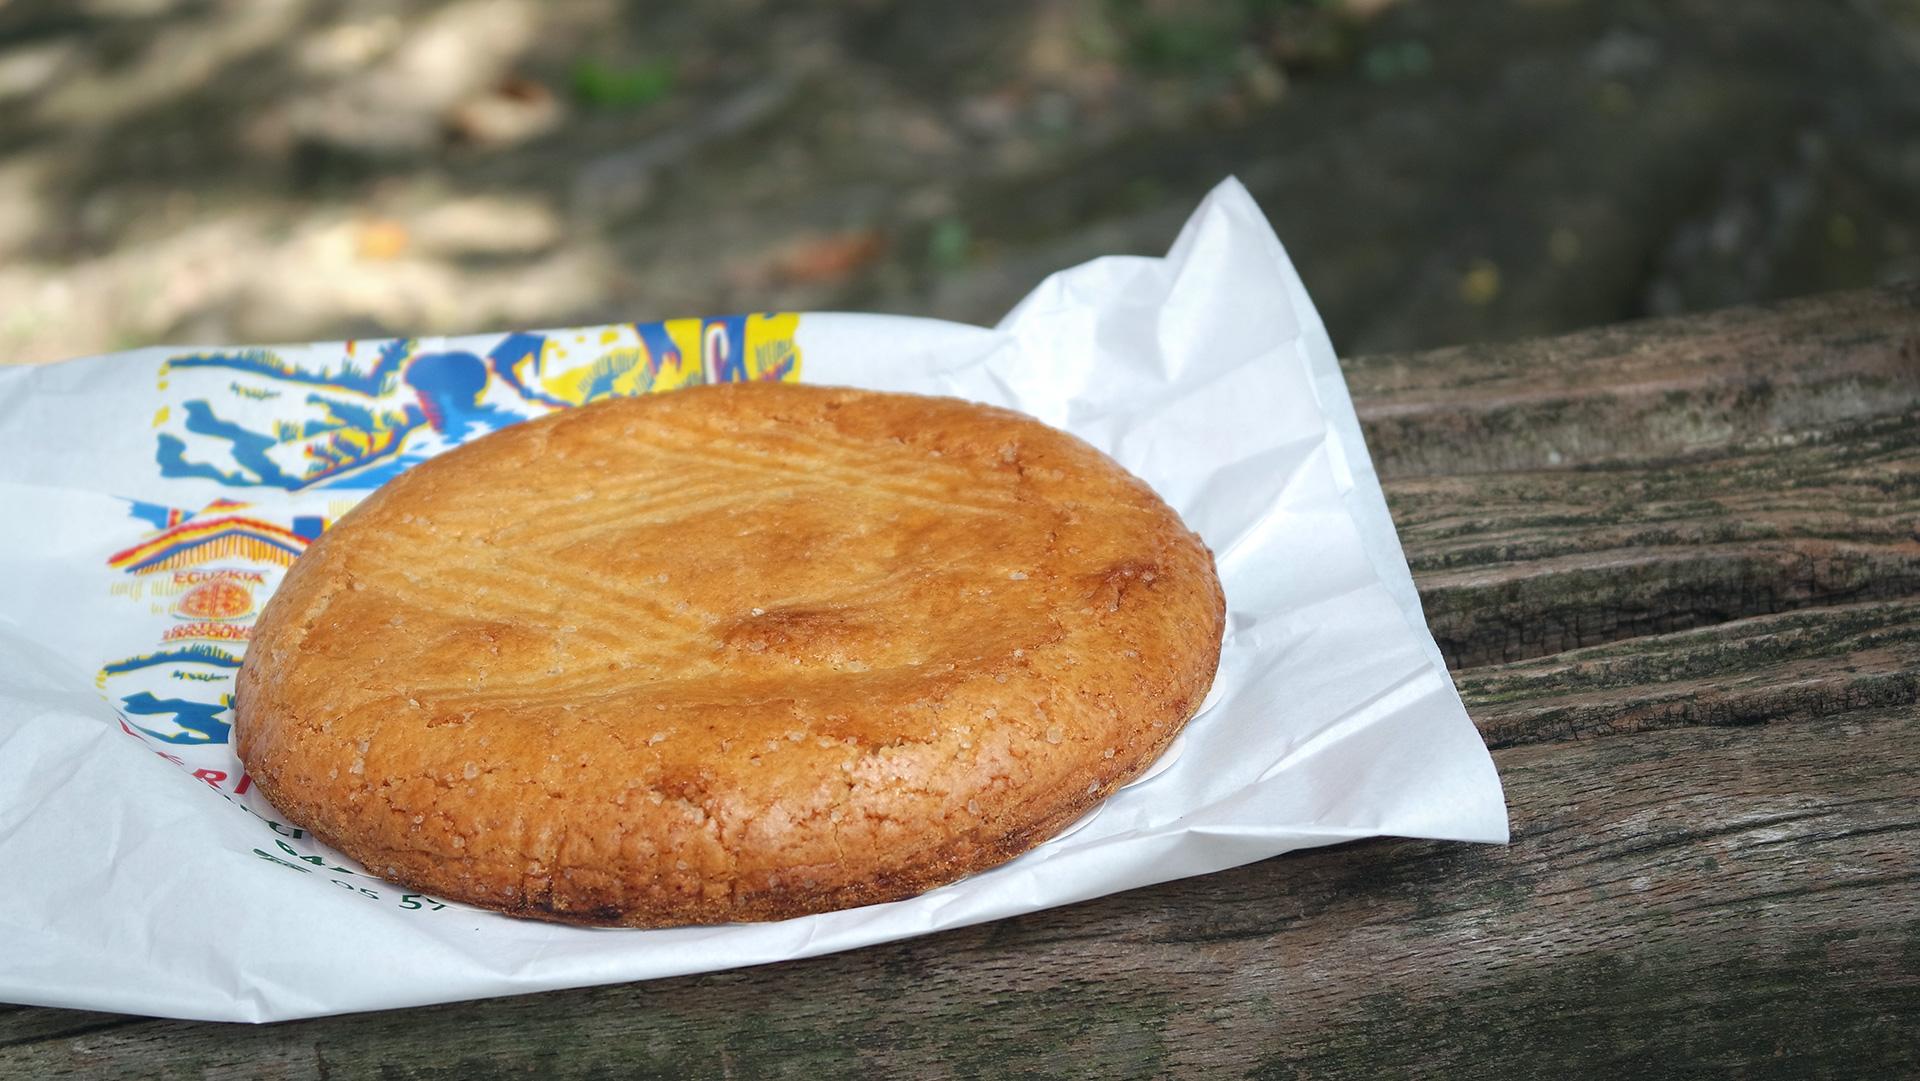 Le gâteau basque du moulin de Bassilour